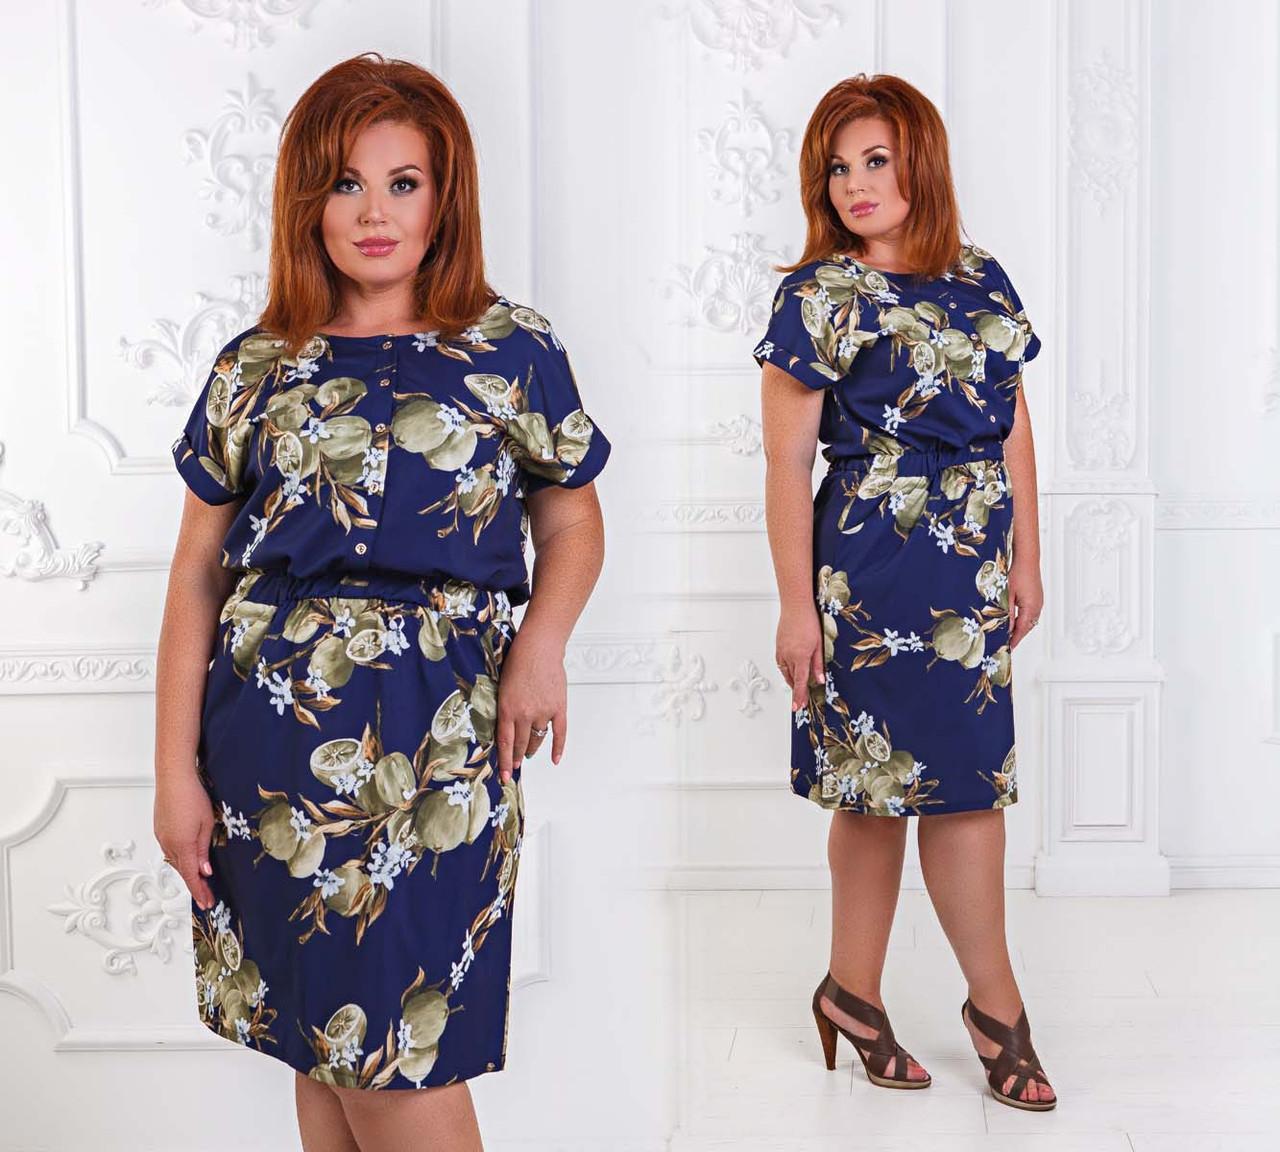 """Элегантное летнее женское платье в больших размерах """"Софт Принт Кармашки"""" (DG-ат 1145)"""